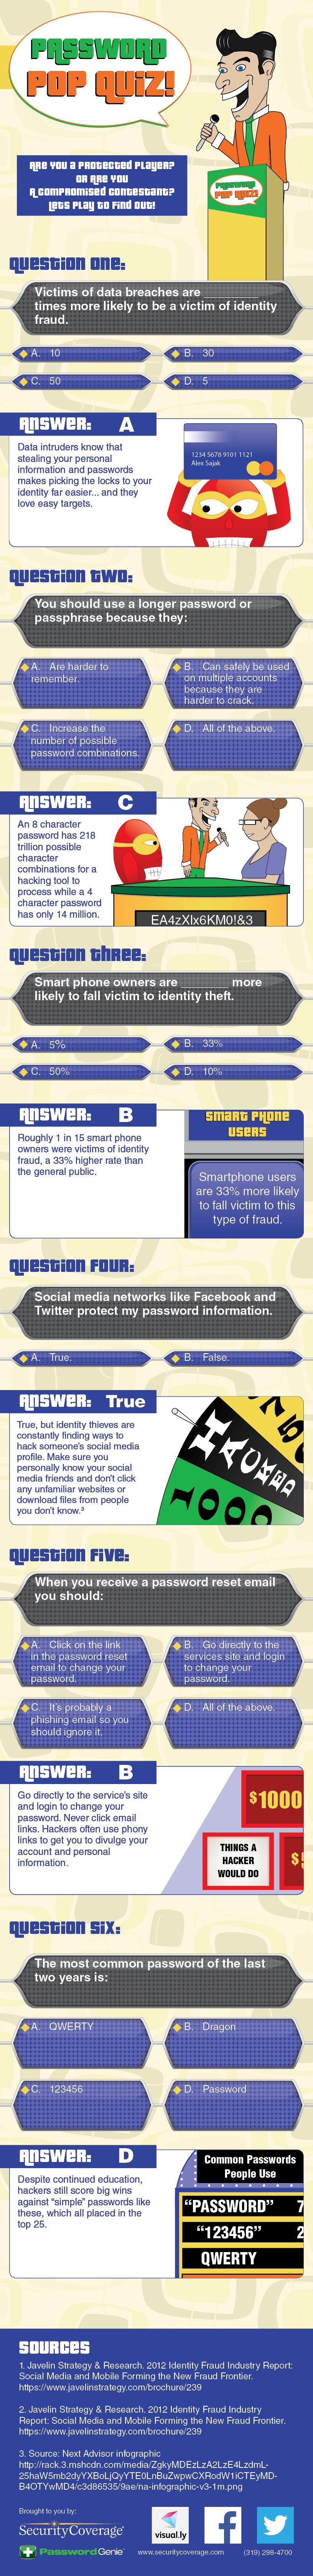 Password Pop Quiz